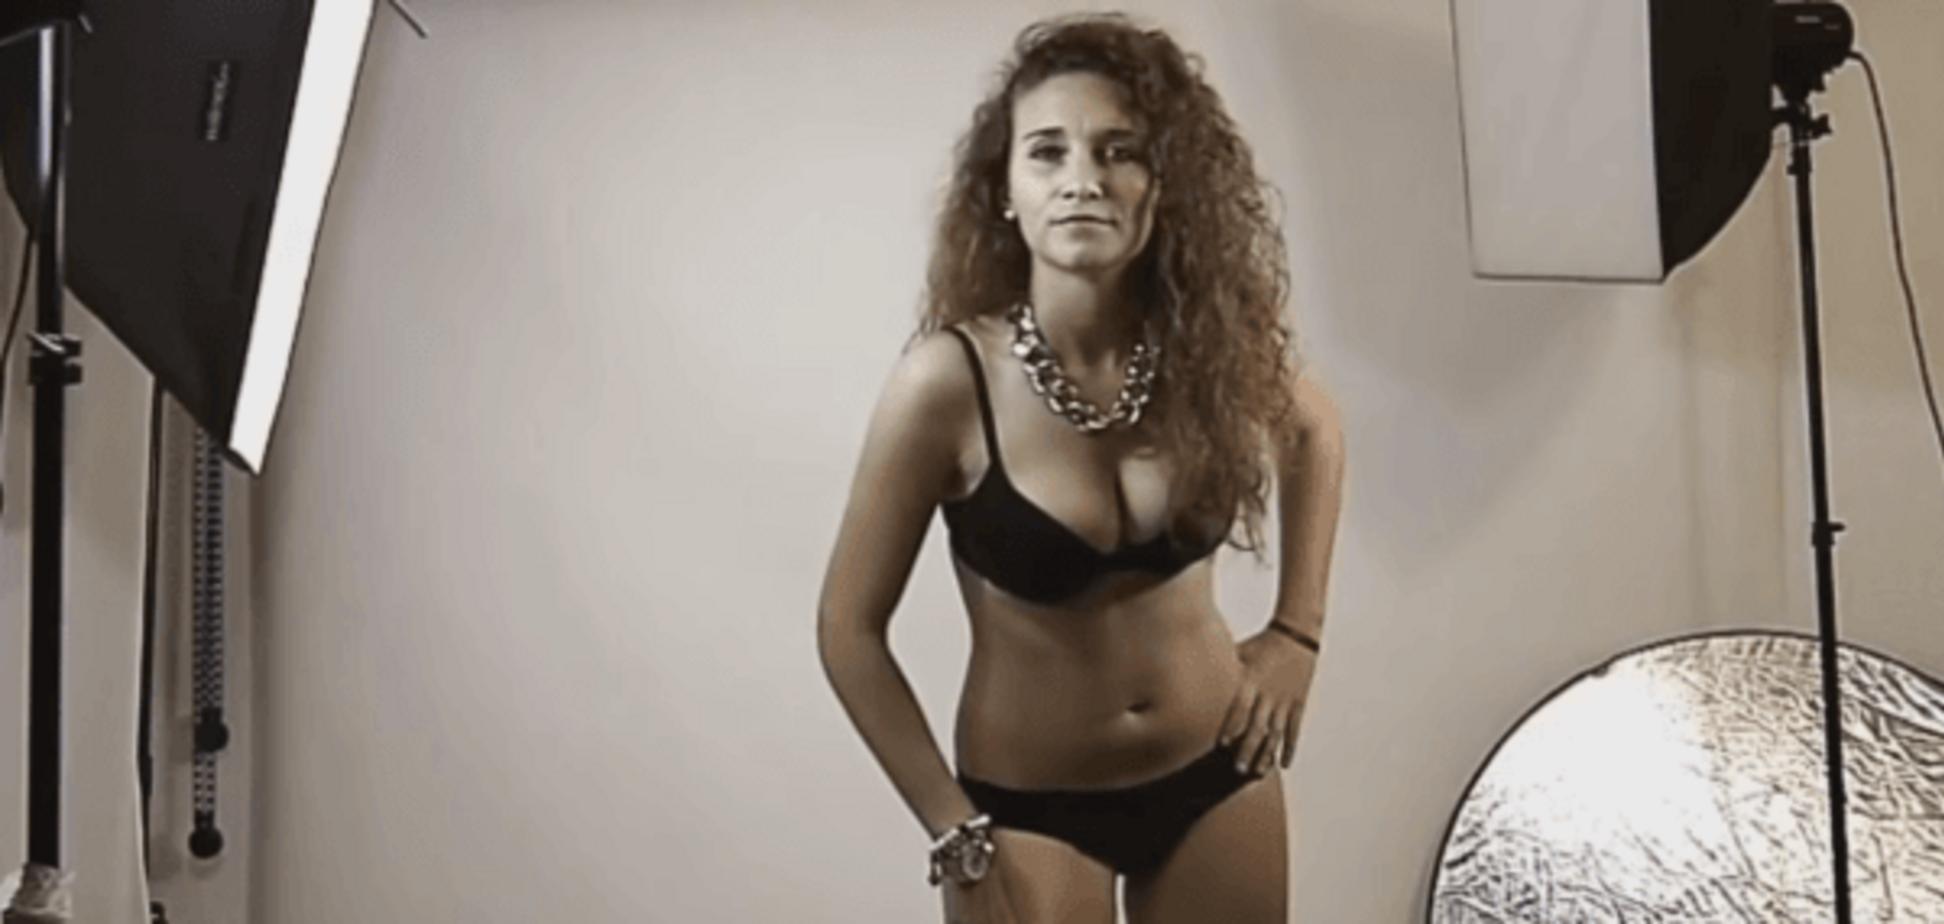 Испанские футболистки разделись для эротического календаря: откровенные видео